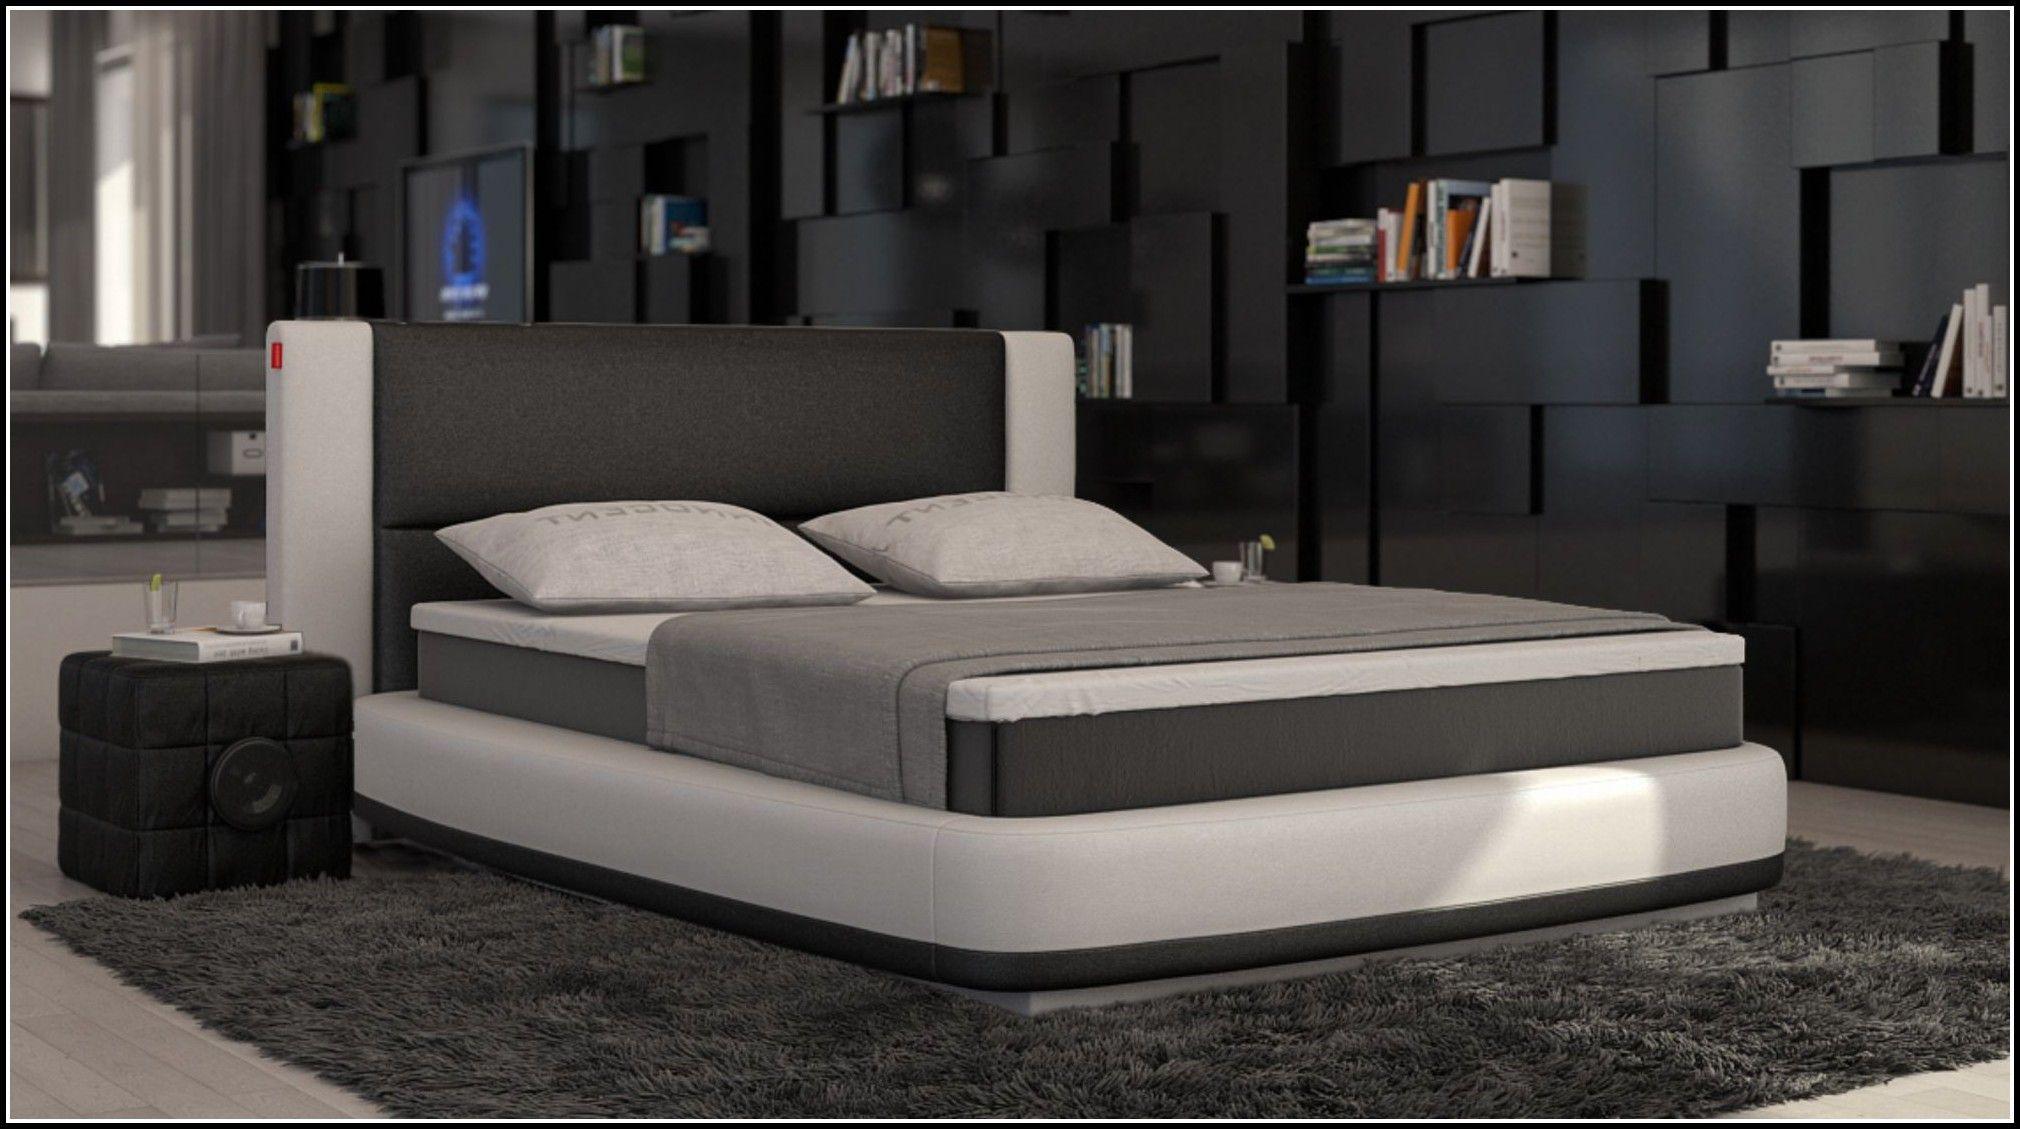 Bett 180×200 Komplett Fresh Boxspring Bett Komplett 180